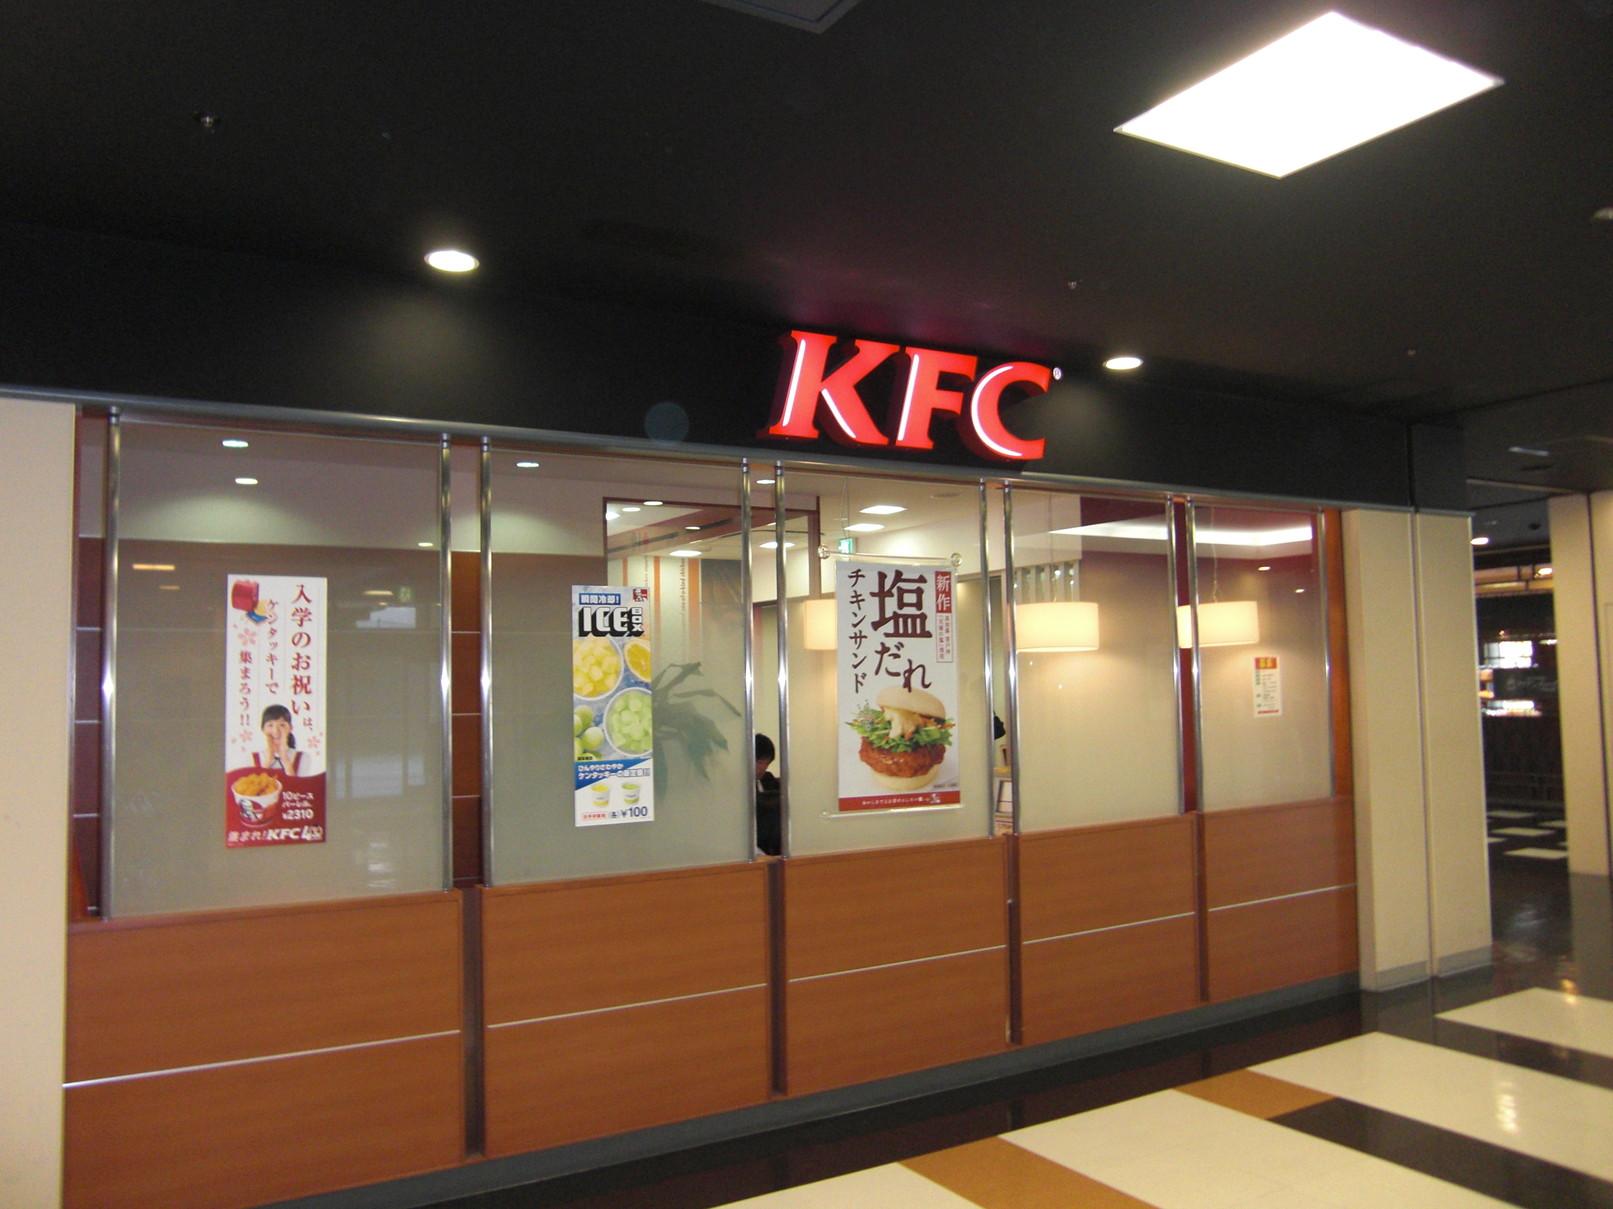 京都府京都市営地下鉄東西線二条駅周辺のグルメ情報二条駅周辺のグルメ・レストラン